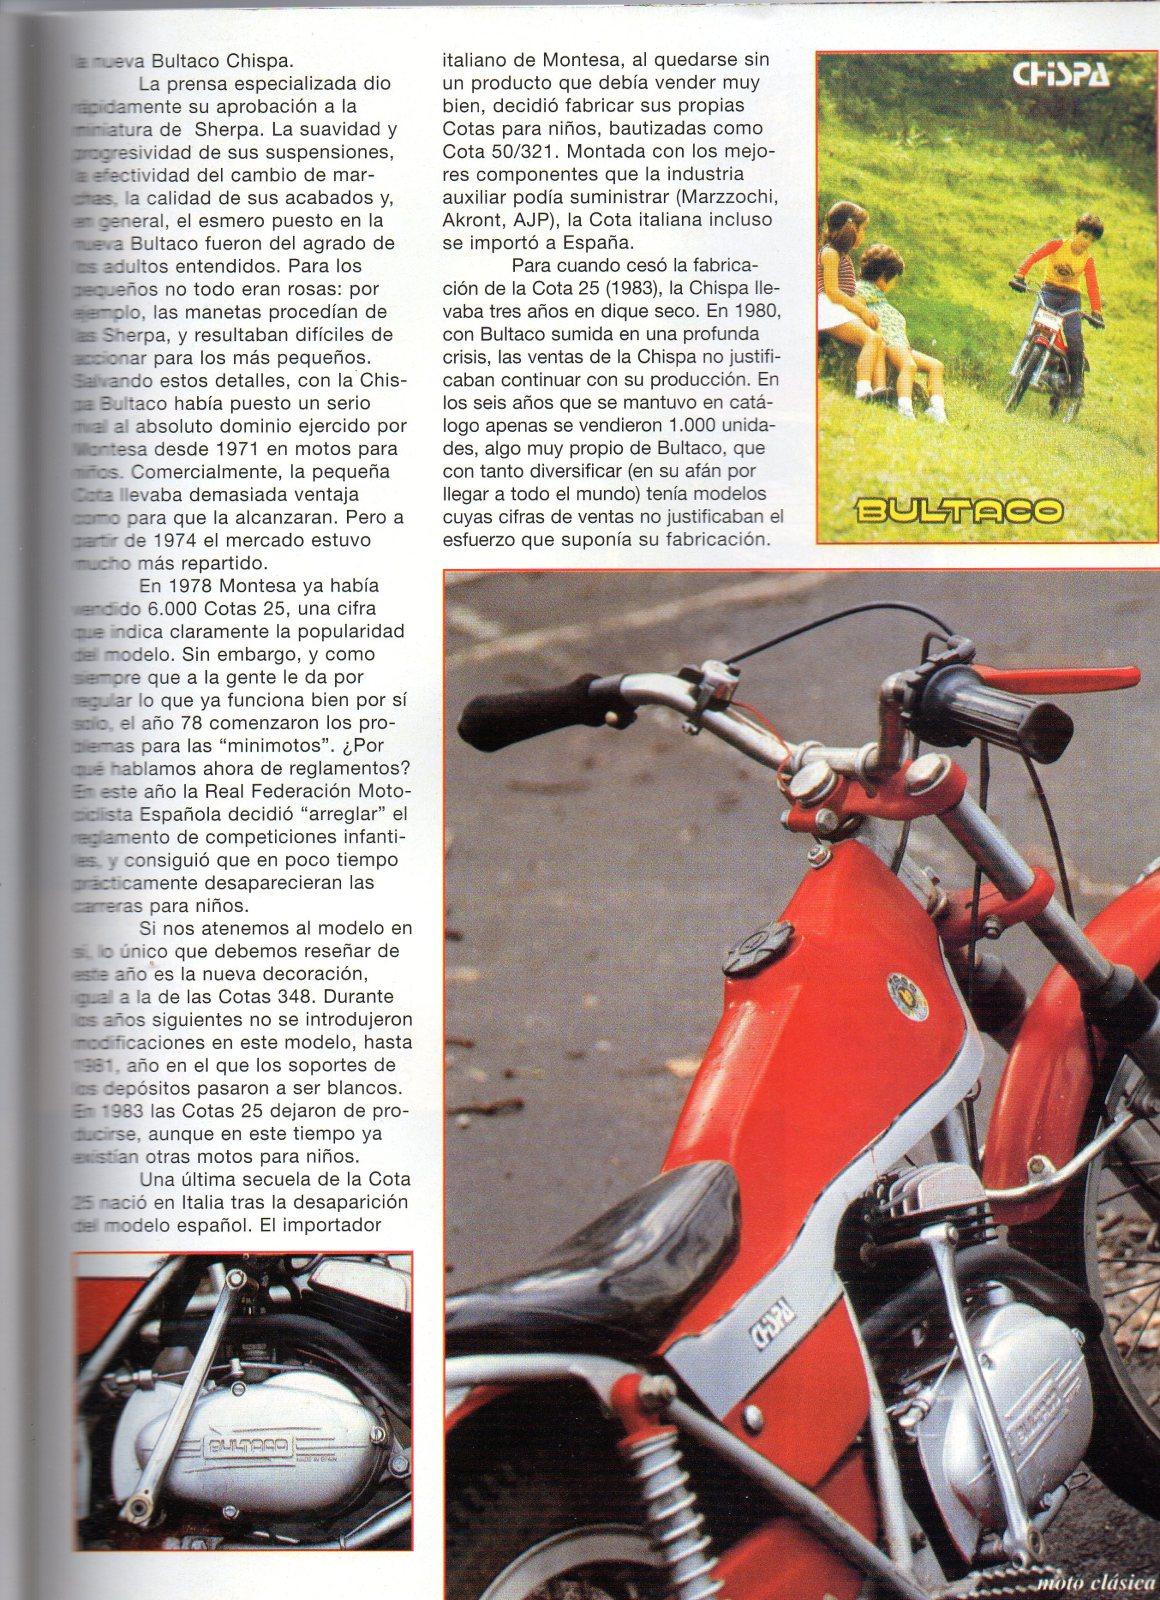 Comparativa Cota 25 con Bultaco chispa 2dwdpqs